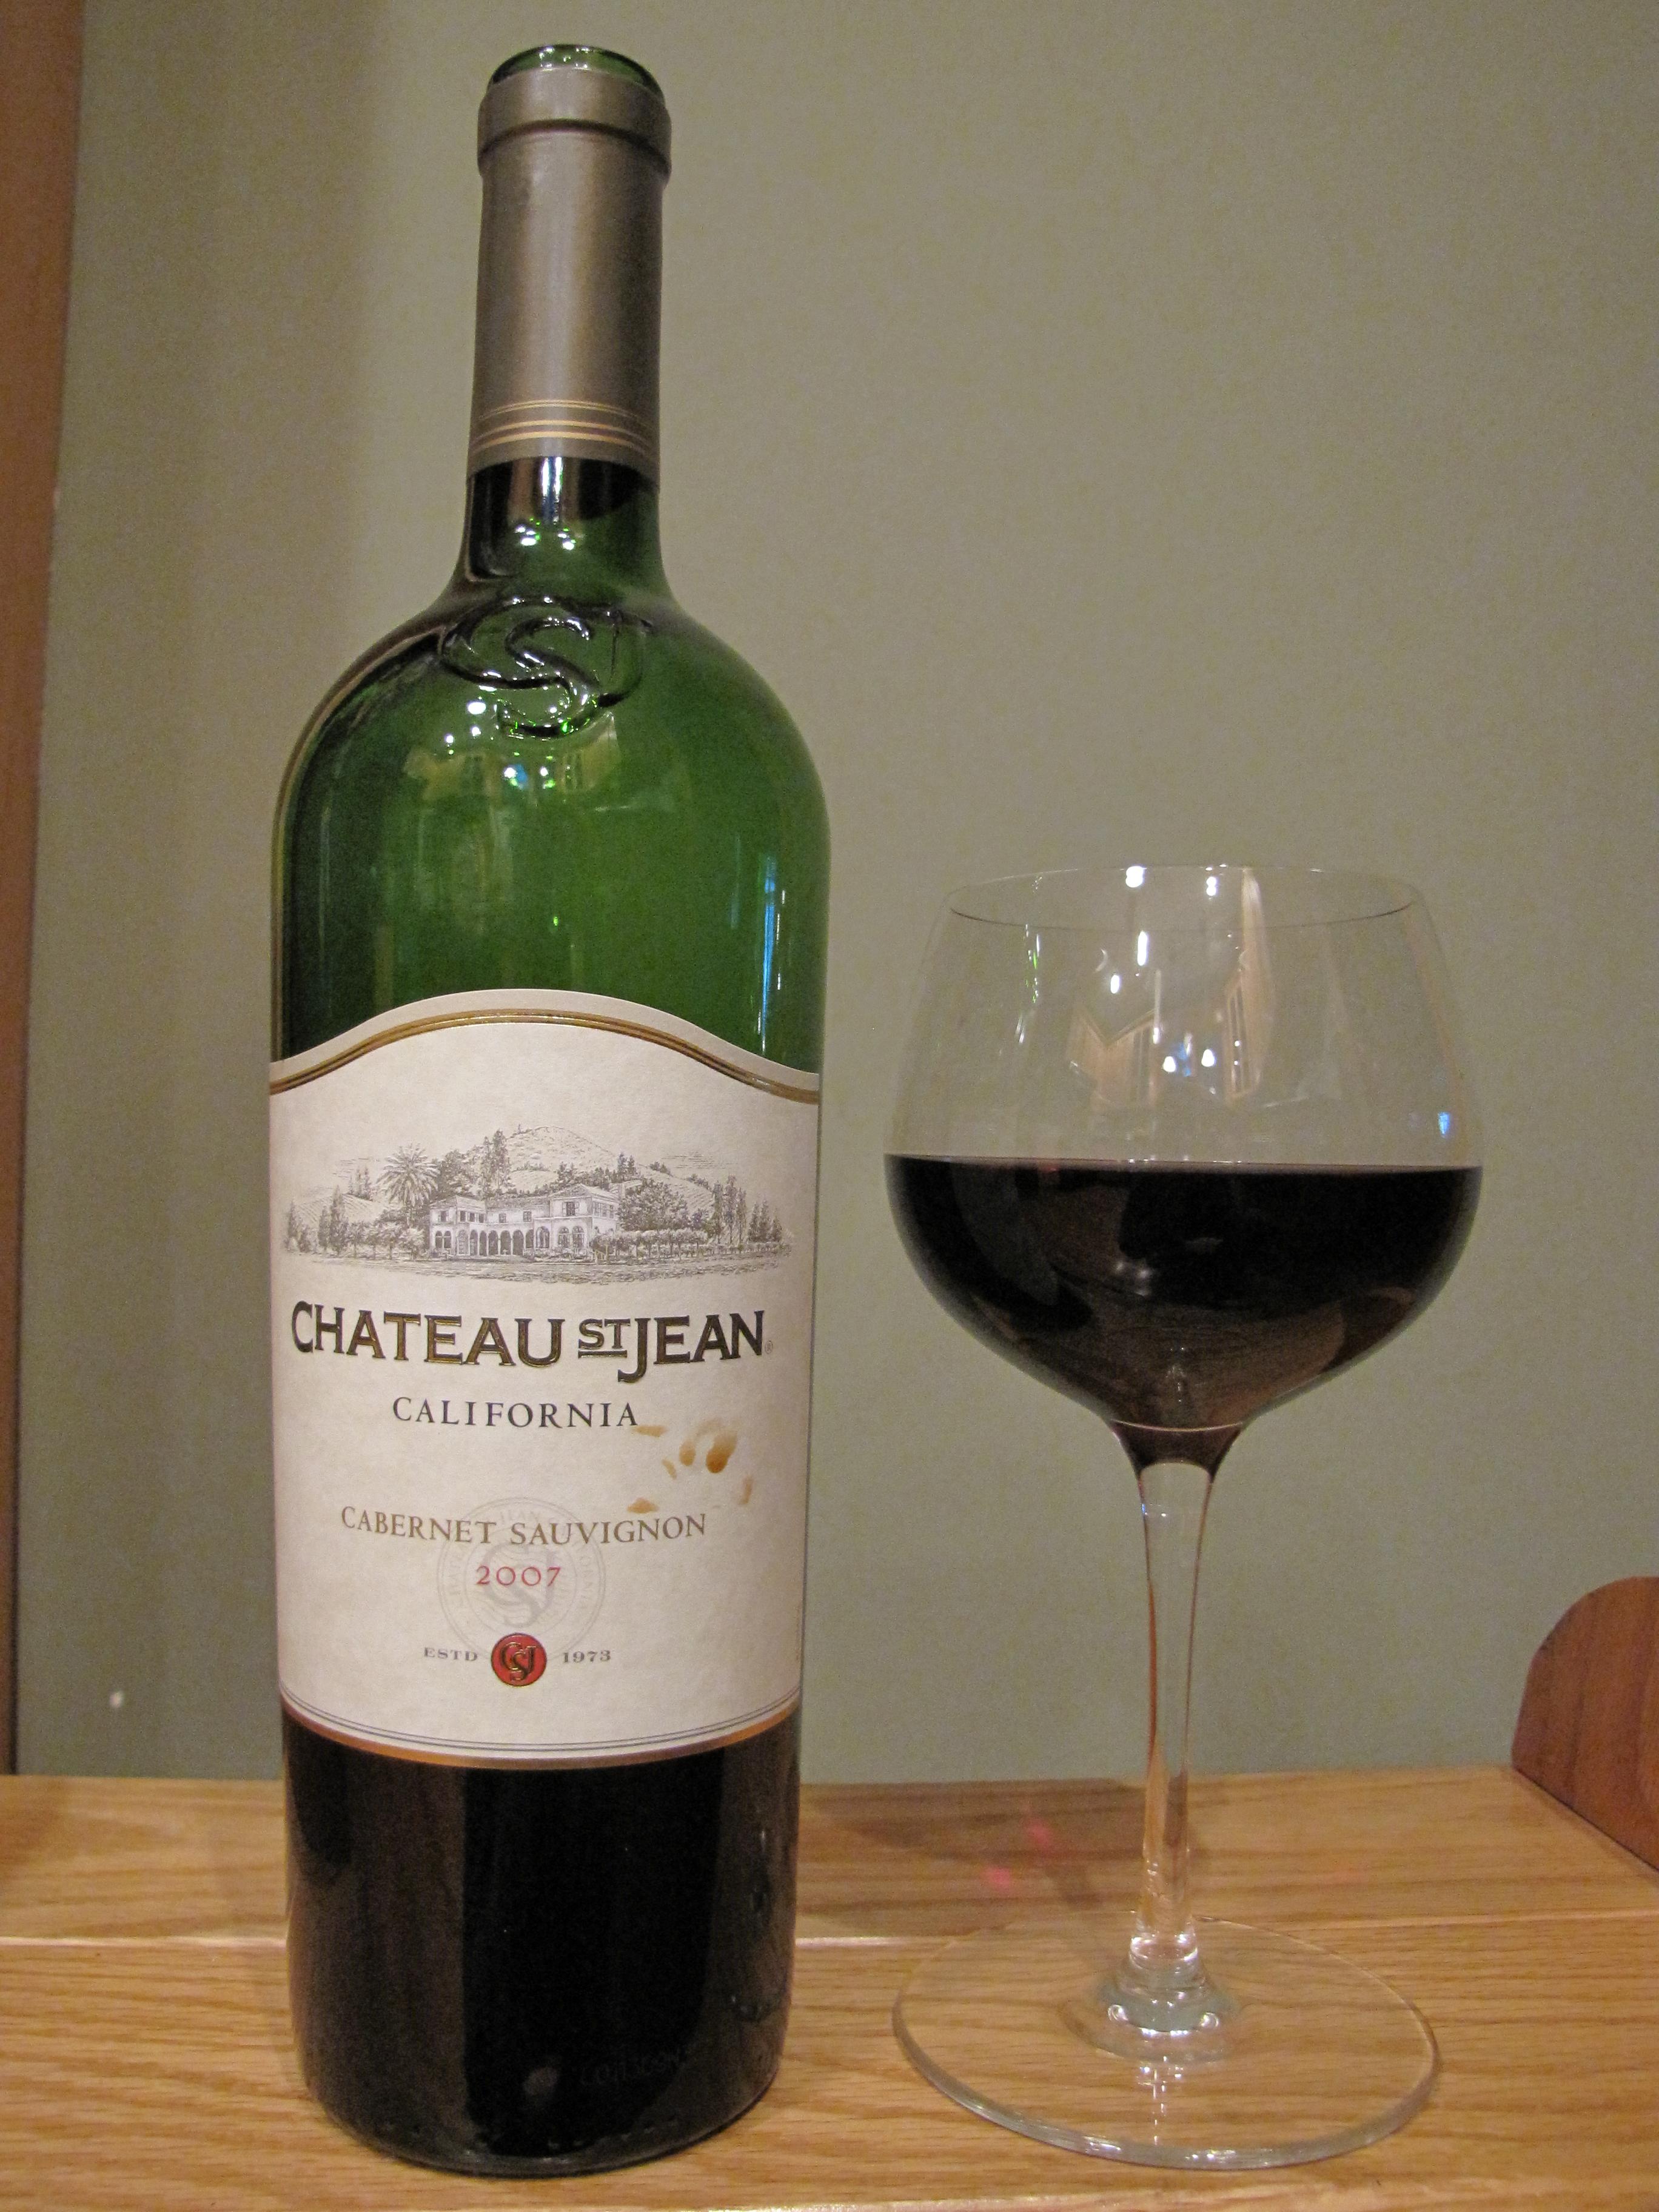 Chateau St. Jean Cabernet Sauvignon (2007)